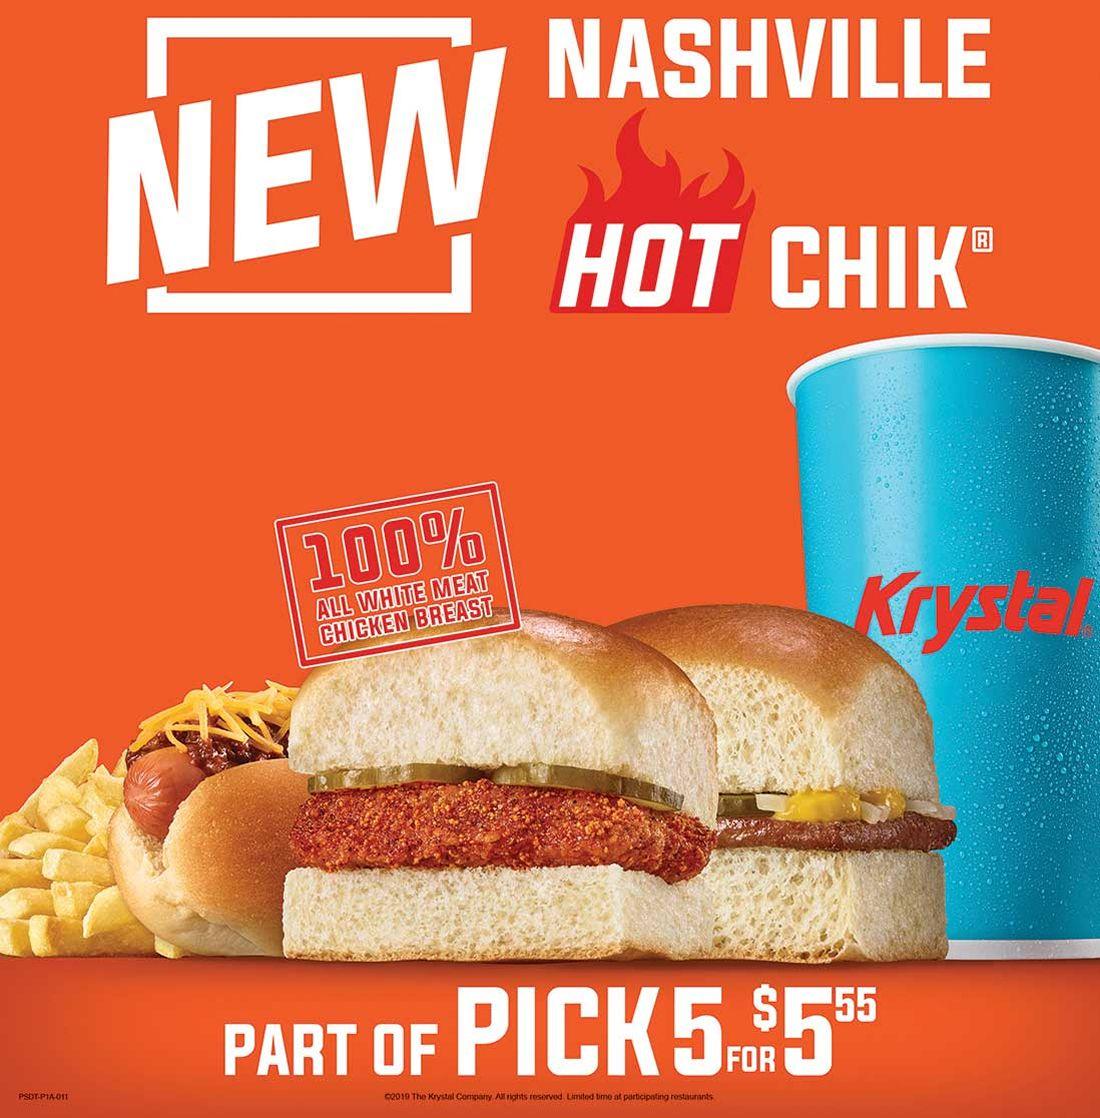 Krystal spices up menu with Nashville Hot Chik LTO